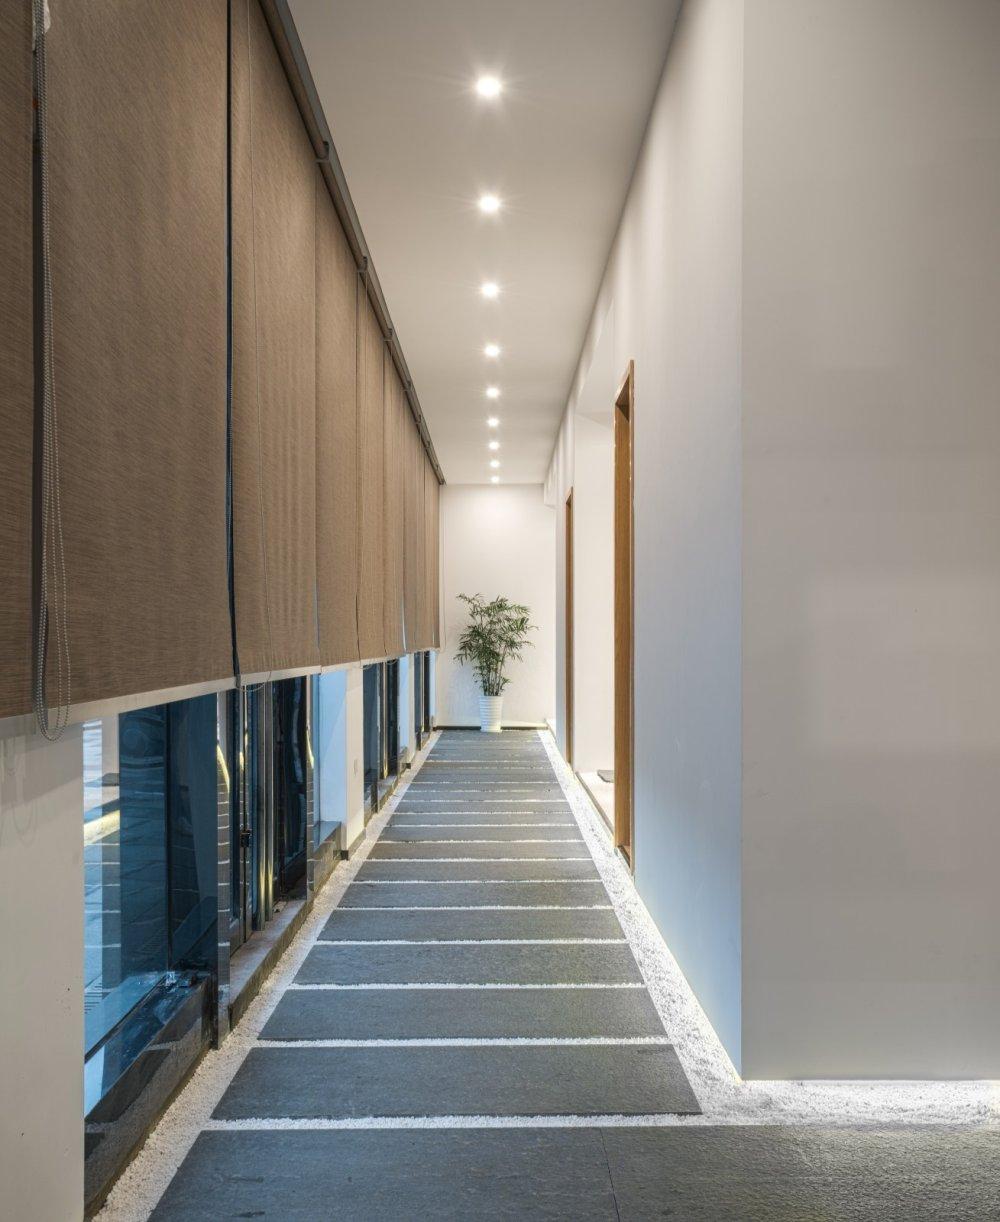 淀川设计事务所 - 自然素净的禅意空间——水之境茶馆_15.jpg